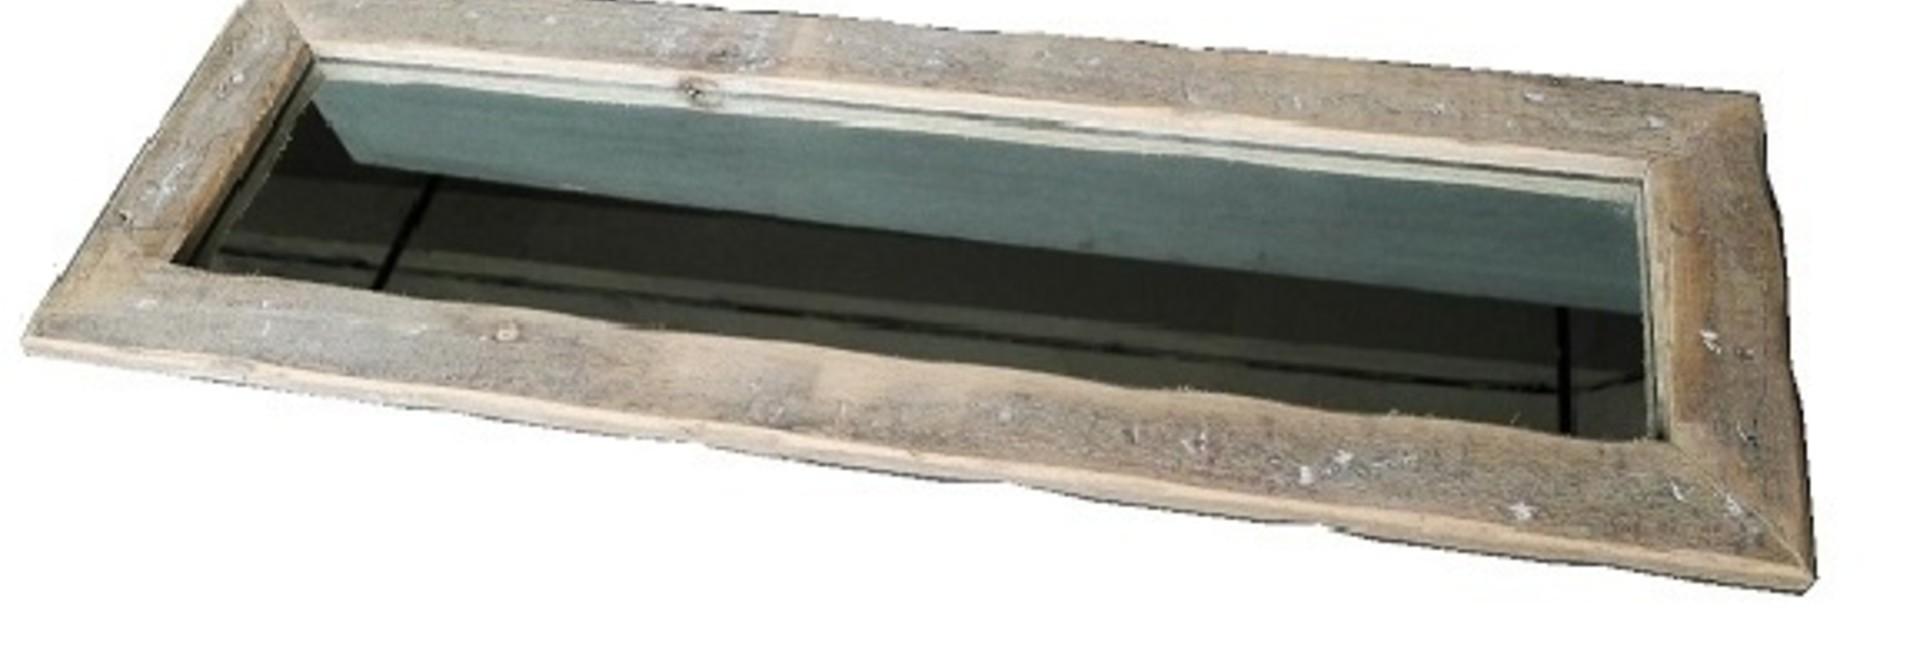 tray old dutch annette mirror 58/19